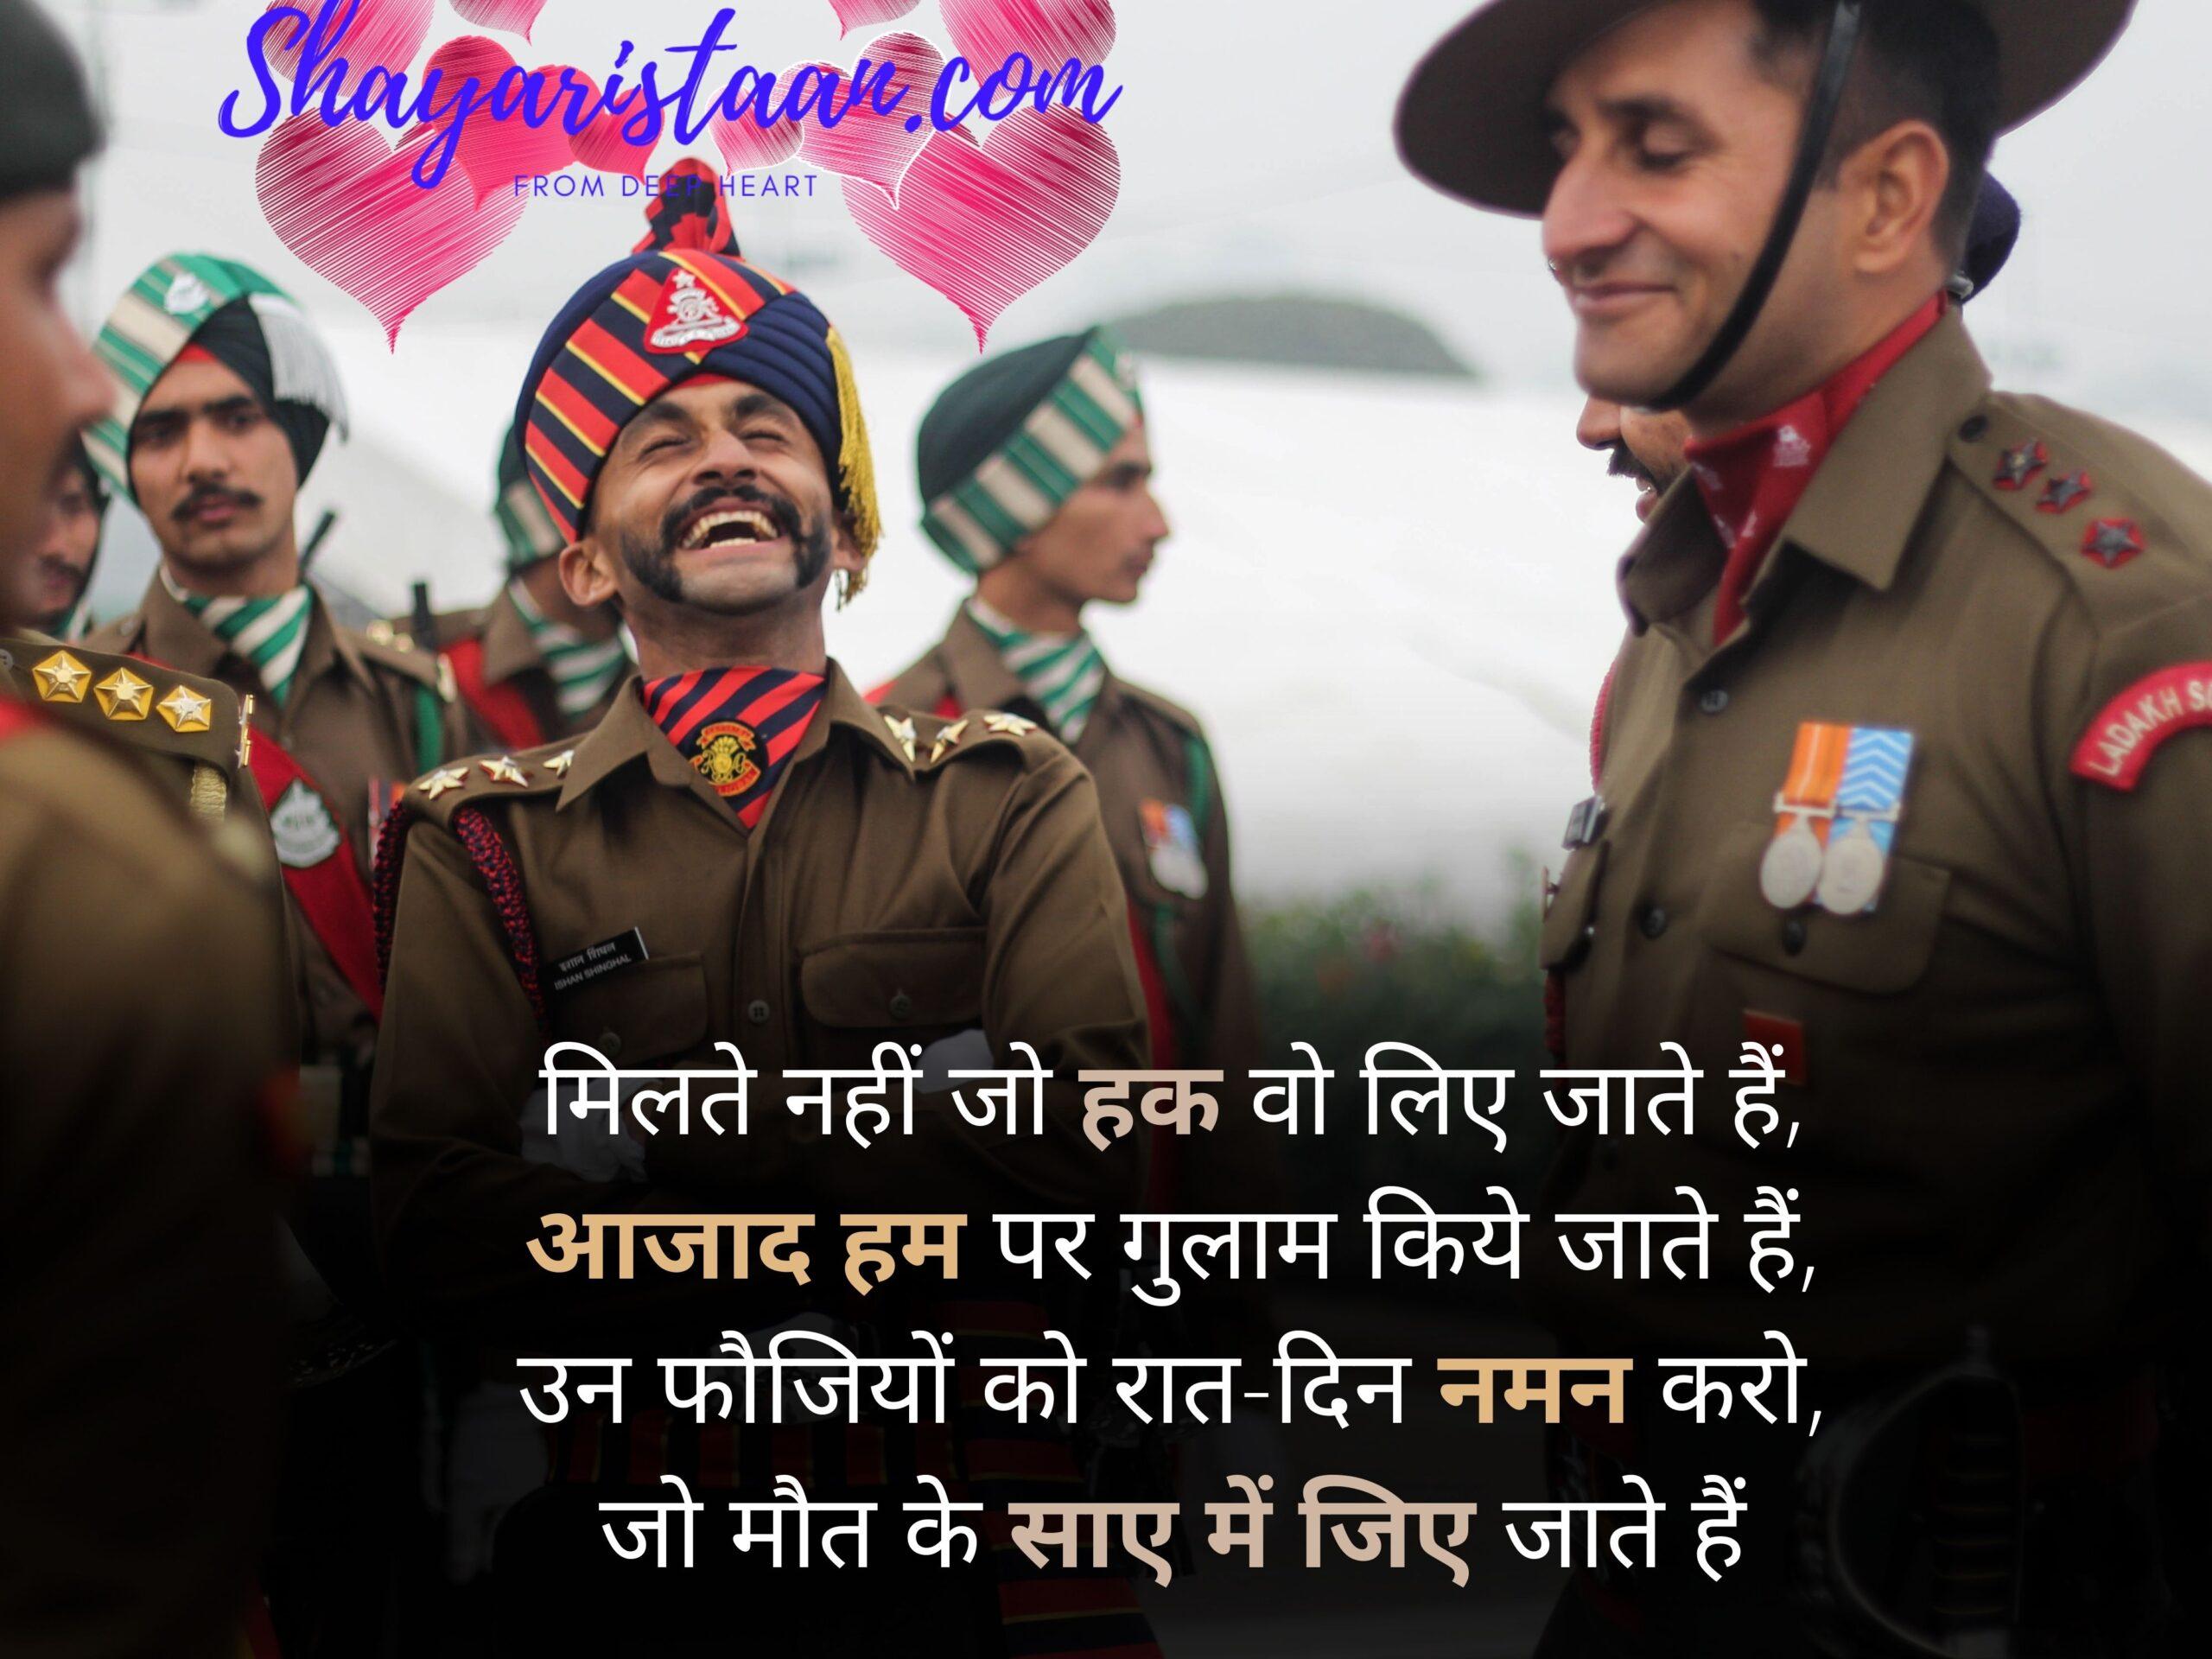 indian army status | मिलते नहीं जो हक वो लिए जाते हैं, आजाद हम पर गुलाम किये जाते हैं, उन फौजियों को रात-दिन नमन करो, जो मौत के साए में जिए जाते हैं